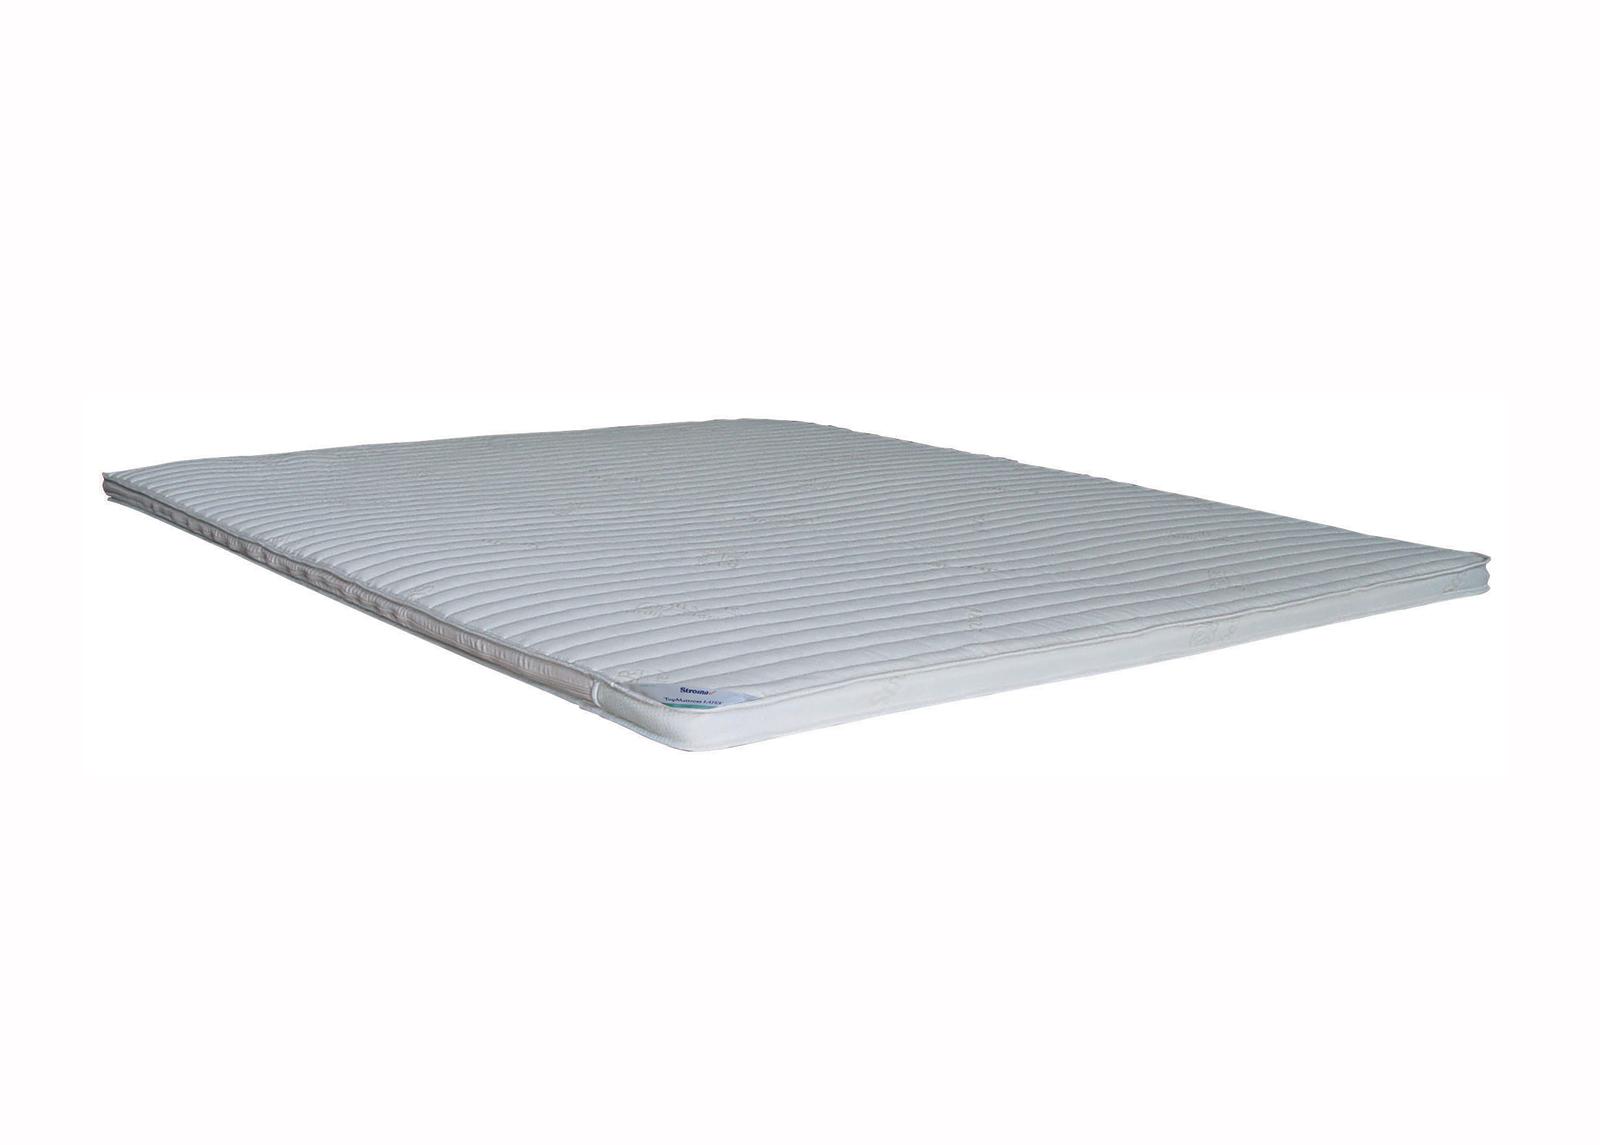 STROMA sijauspatja TOP LATEX 160x200x4 cm